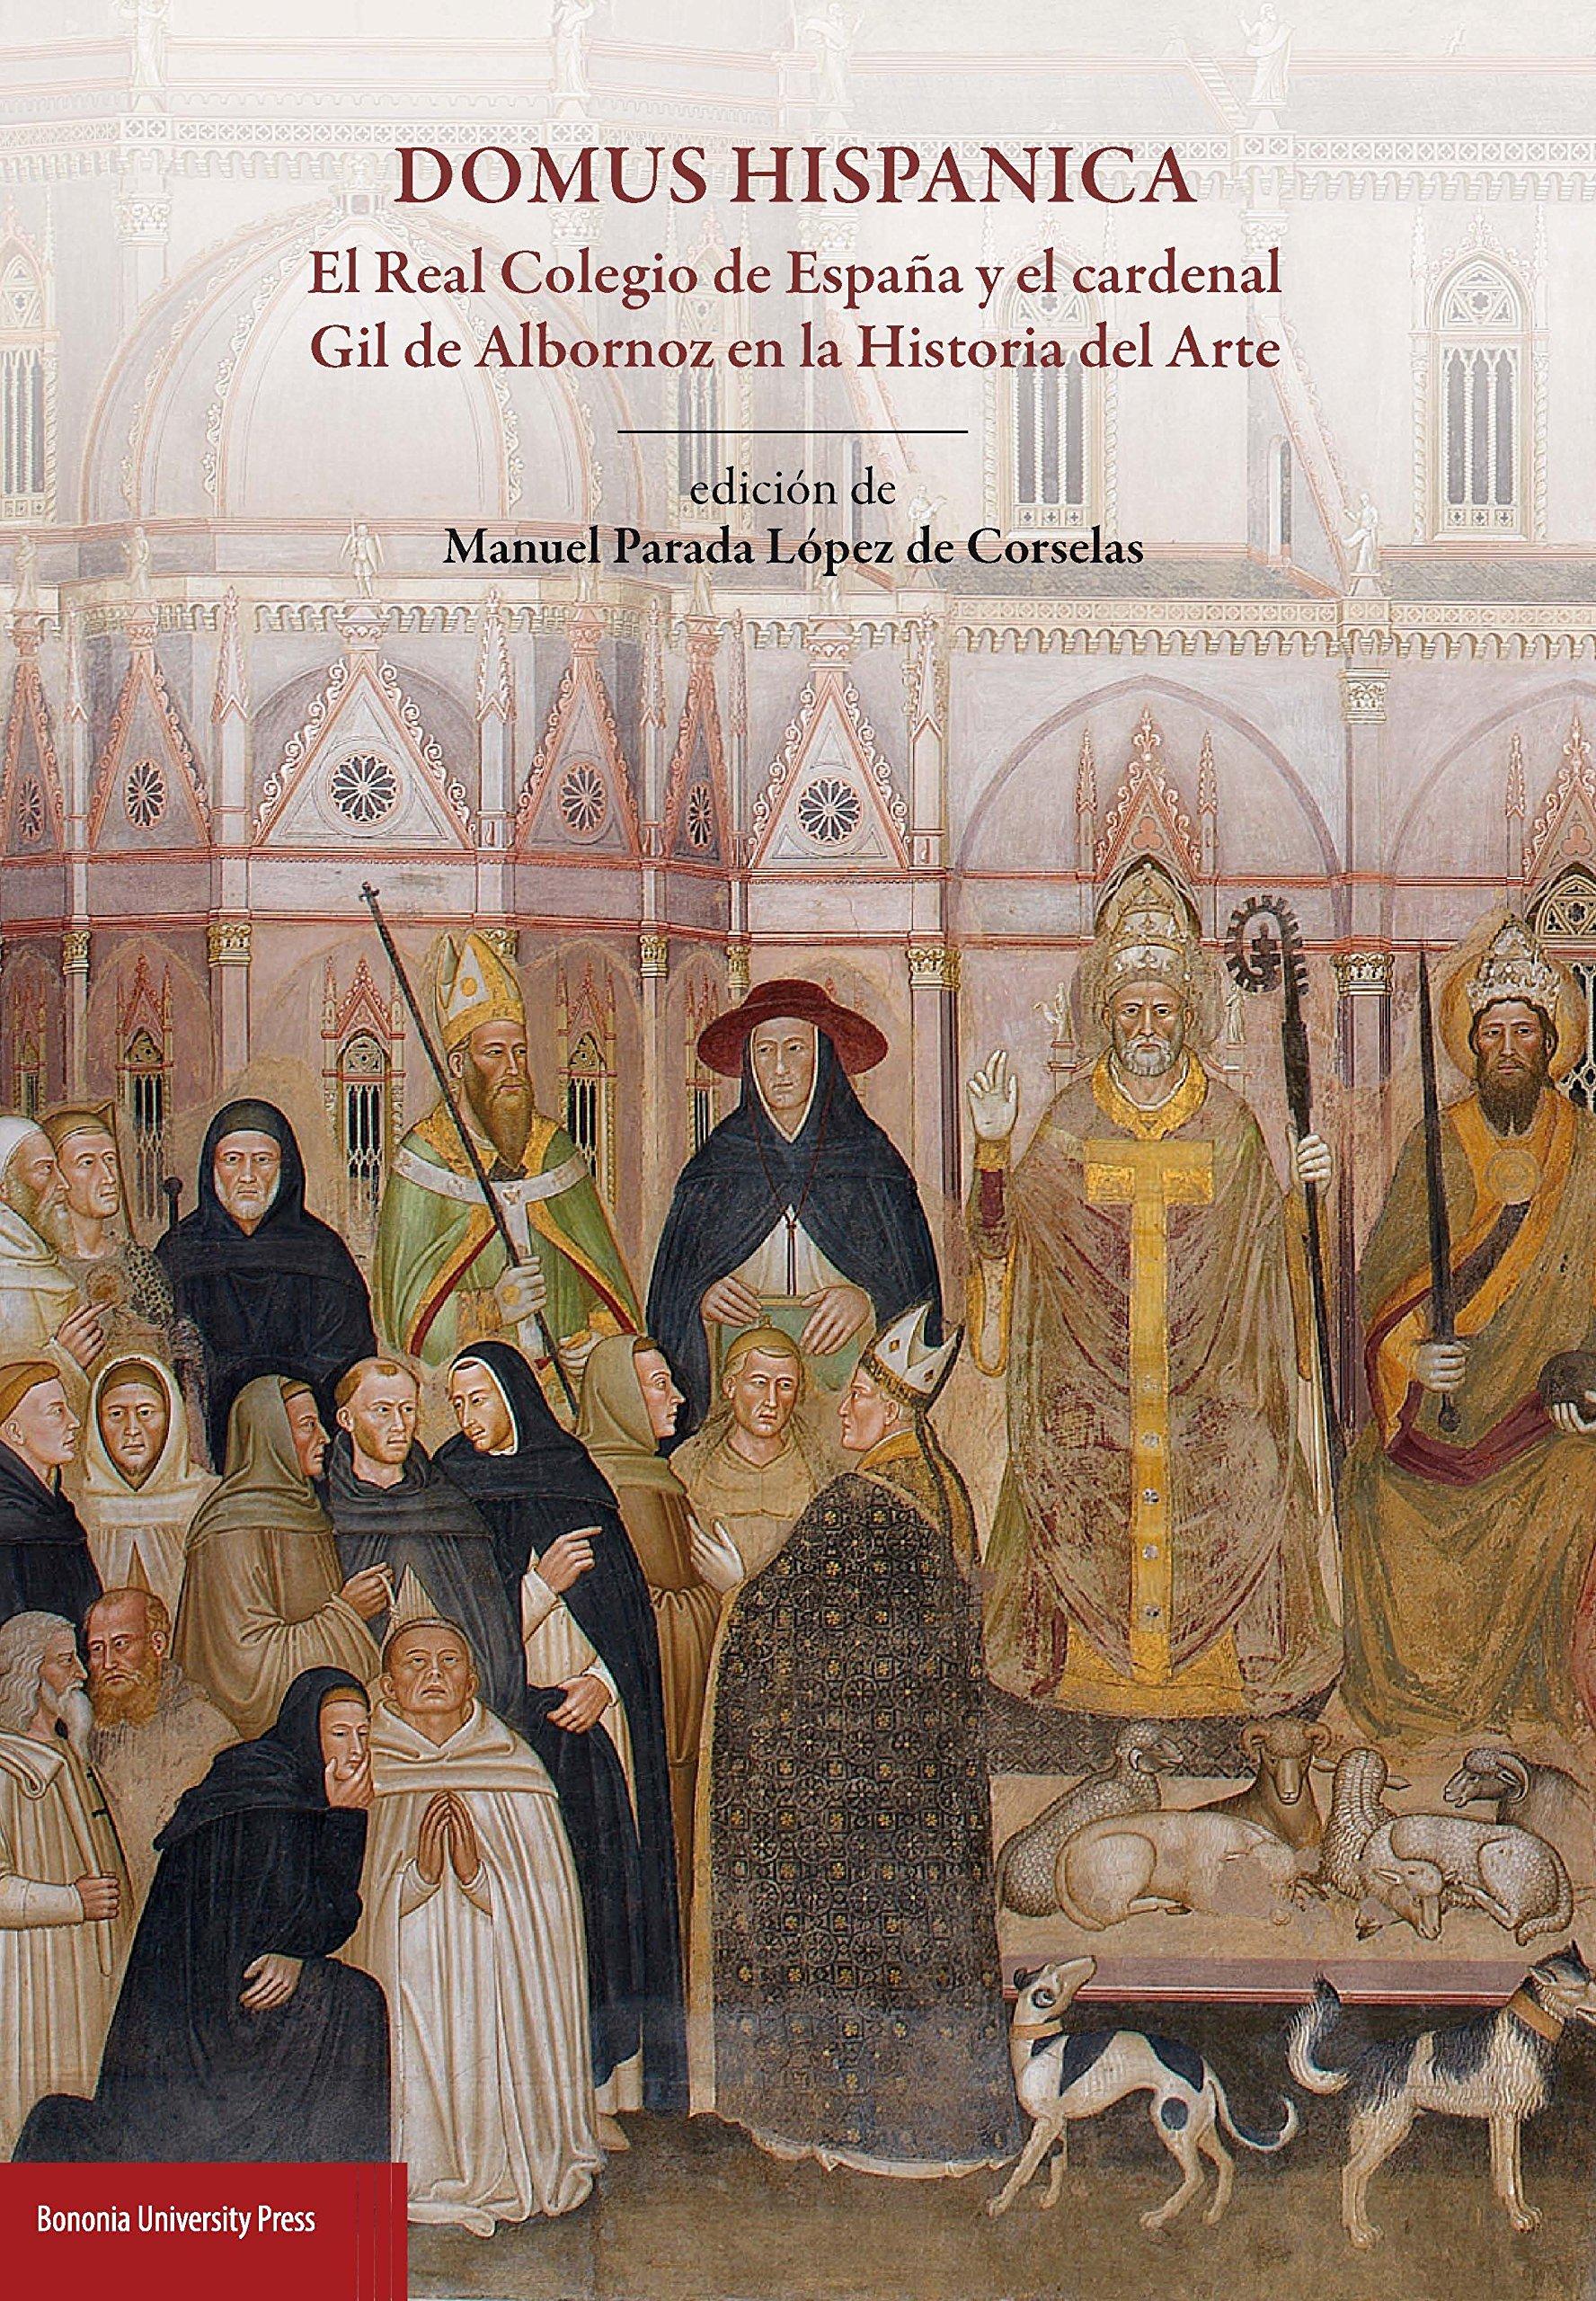 Domus hispanica. El Real Colegio de España y el cardenal Gil de Albornoz en la historia del arte: Amazon.es: Parada López de Corselas, M.: Libros